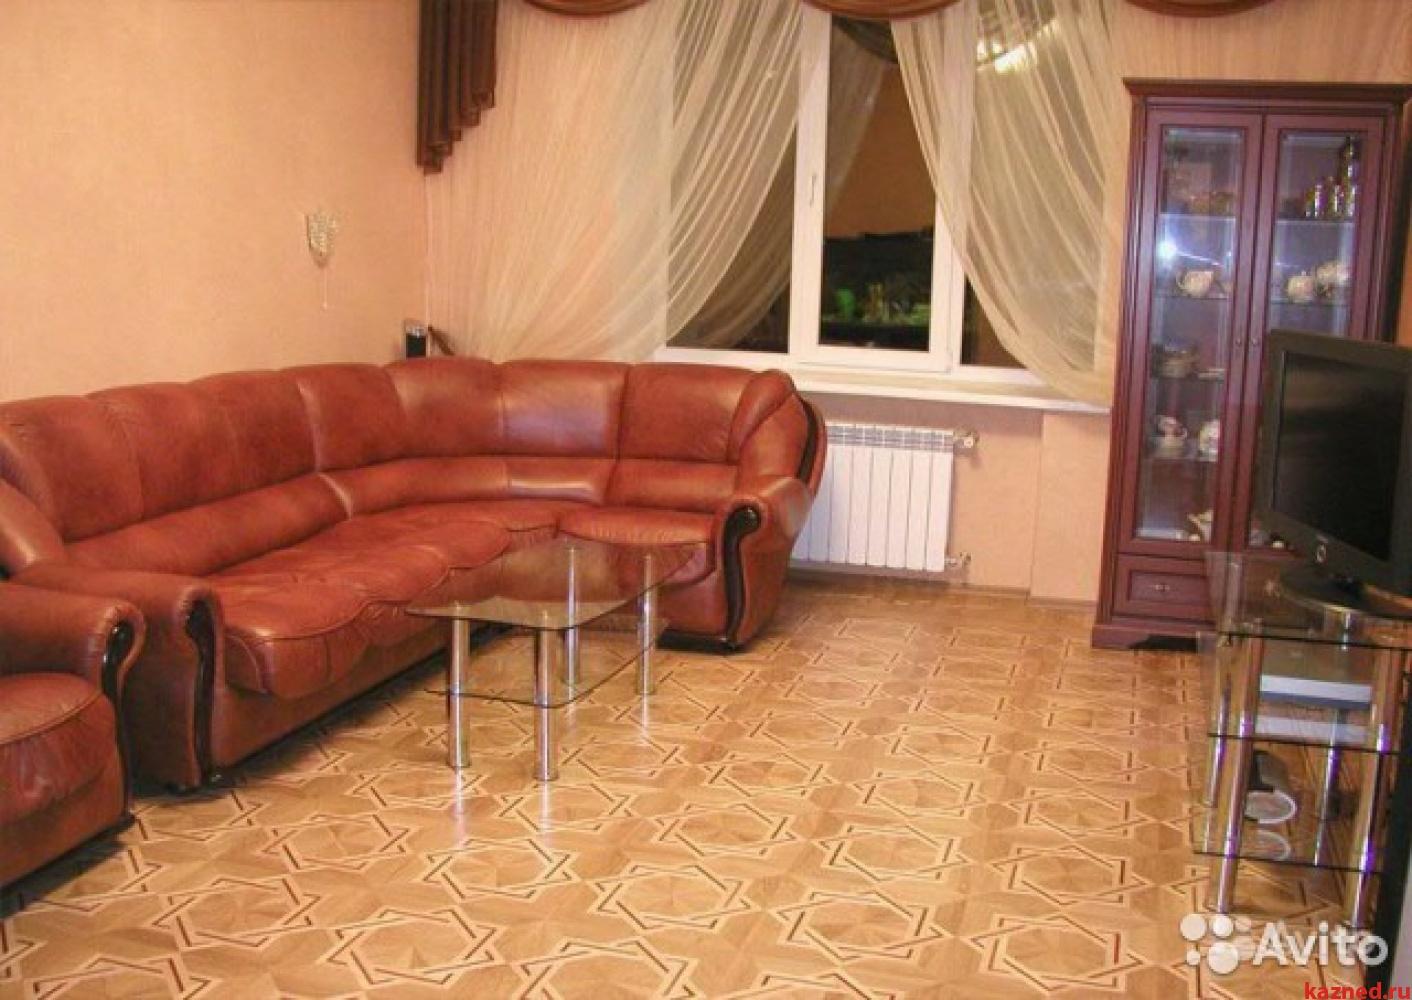 Продажа 3-к квартиры Николая Столярова,5, 117 м²  (миниатюра №4)